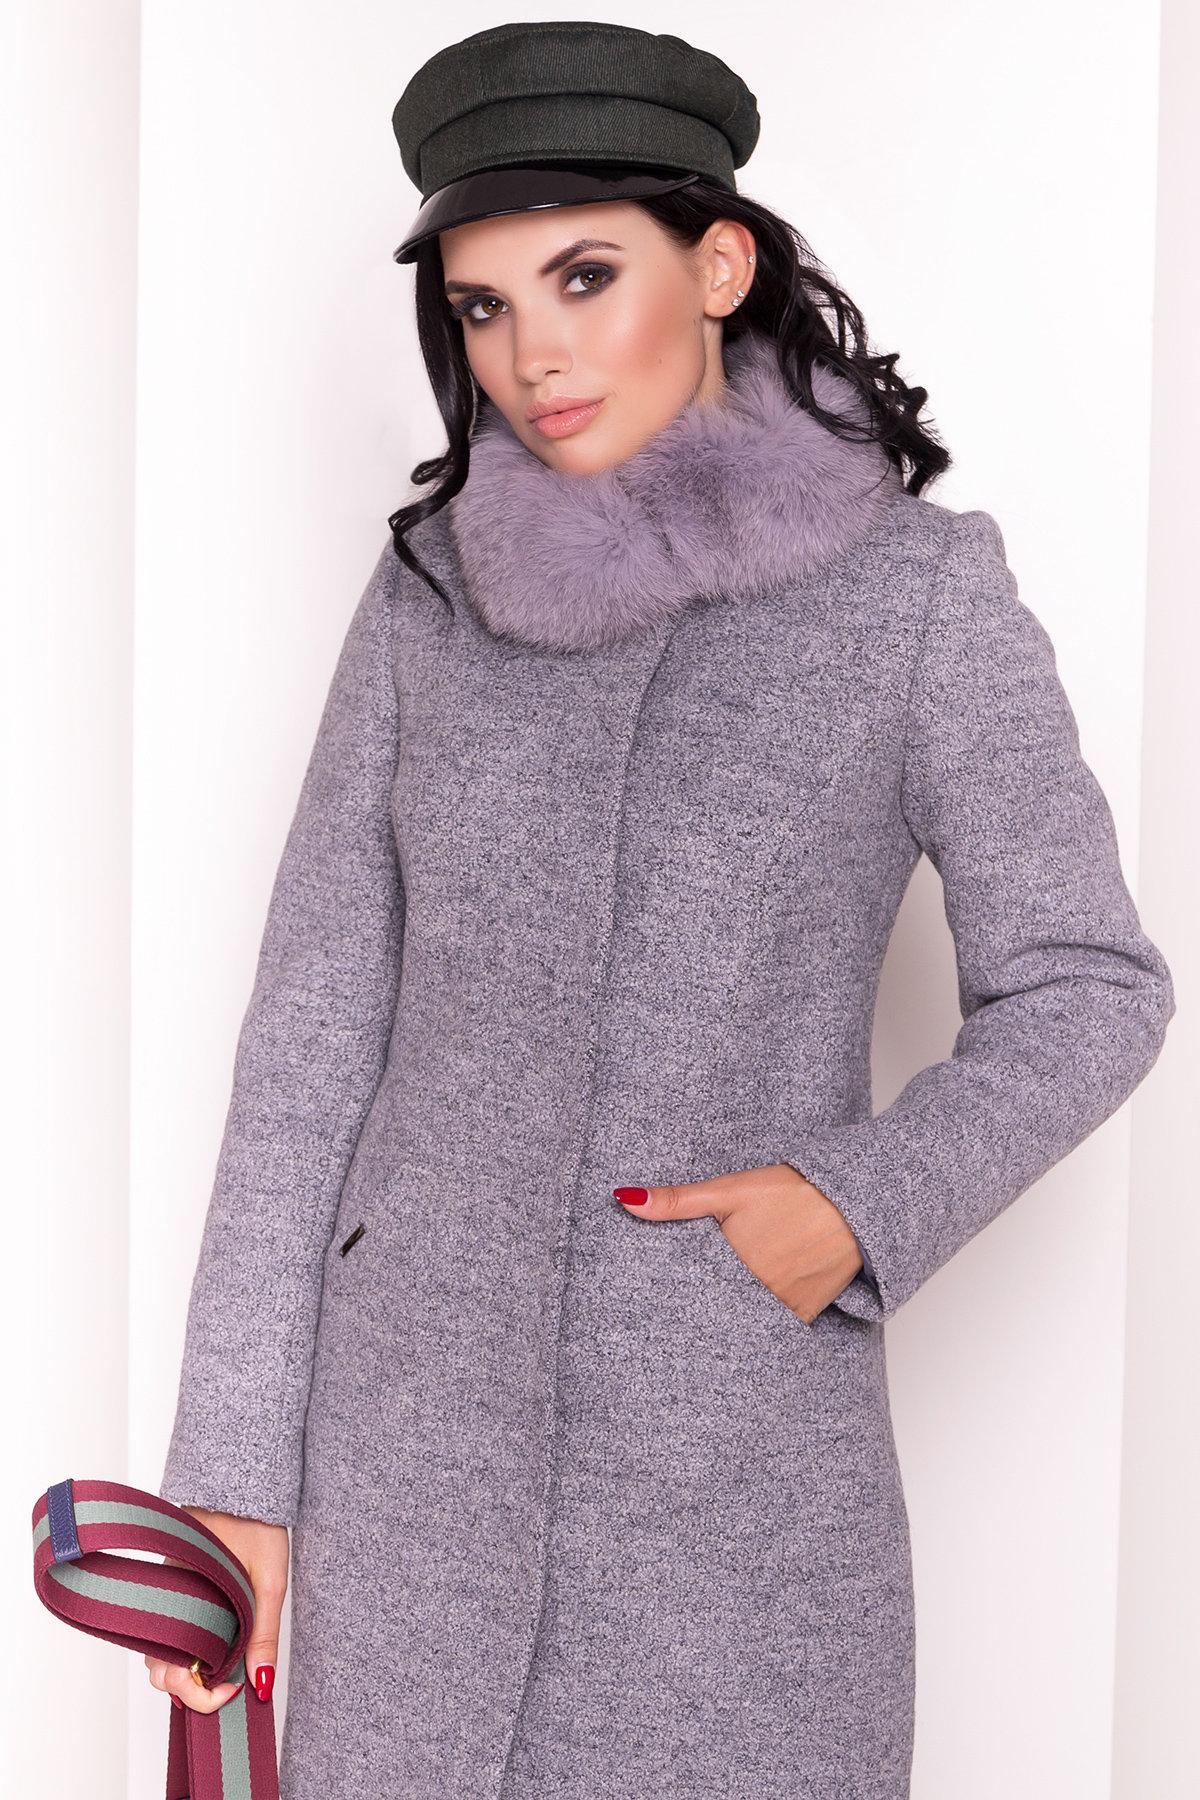 Пальто зима Сплит 3359 Цвет: Серый 48